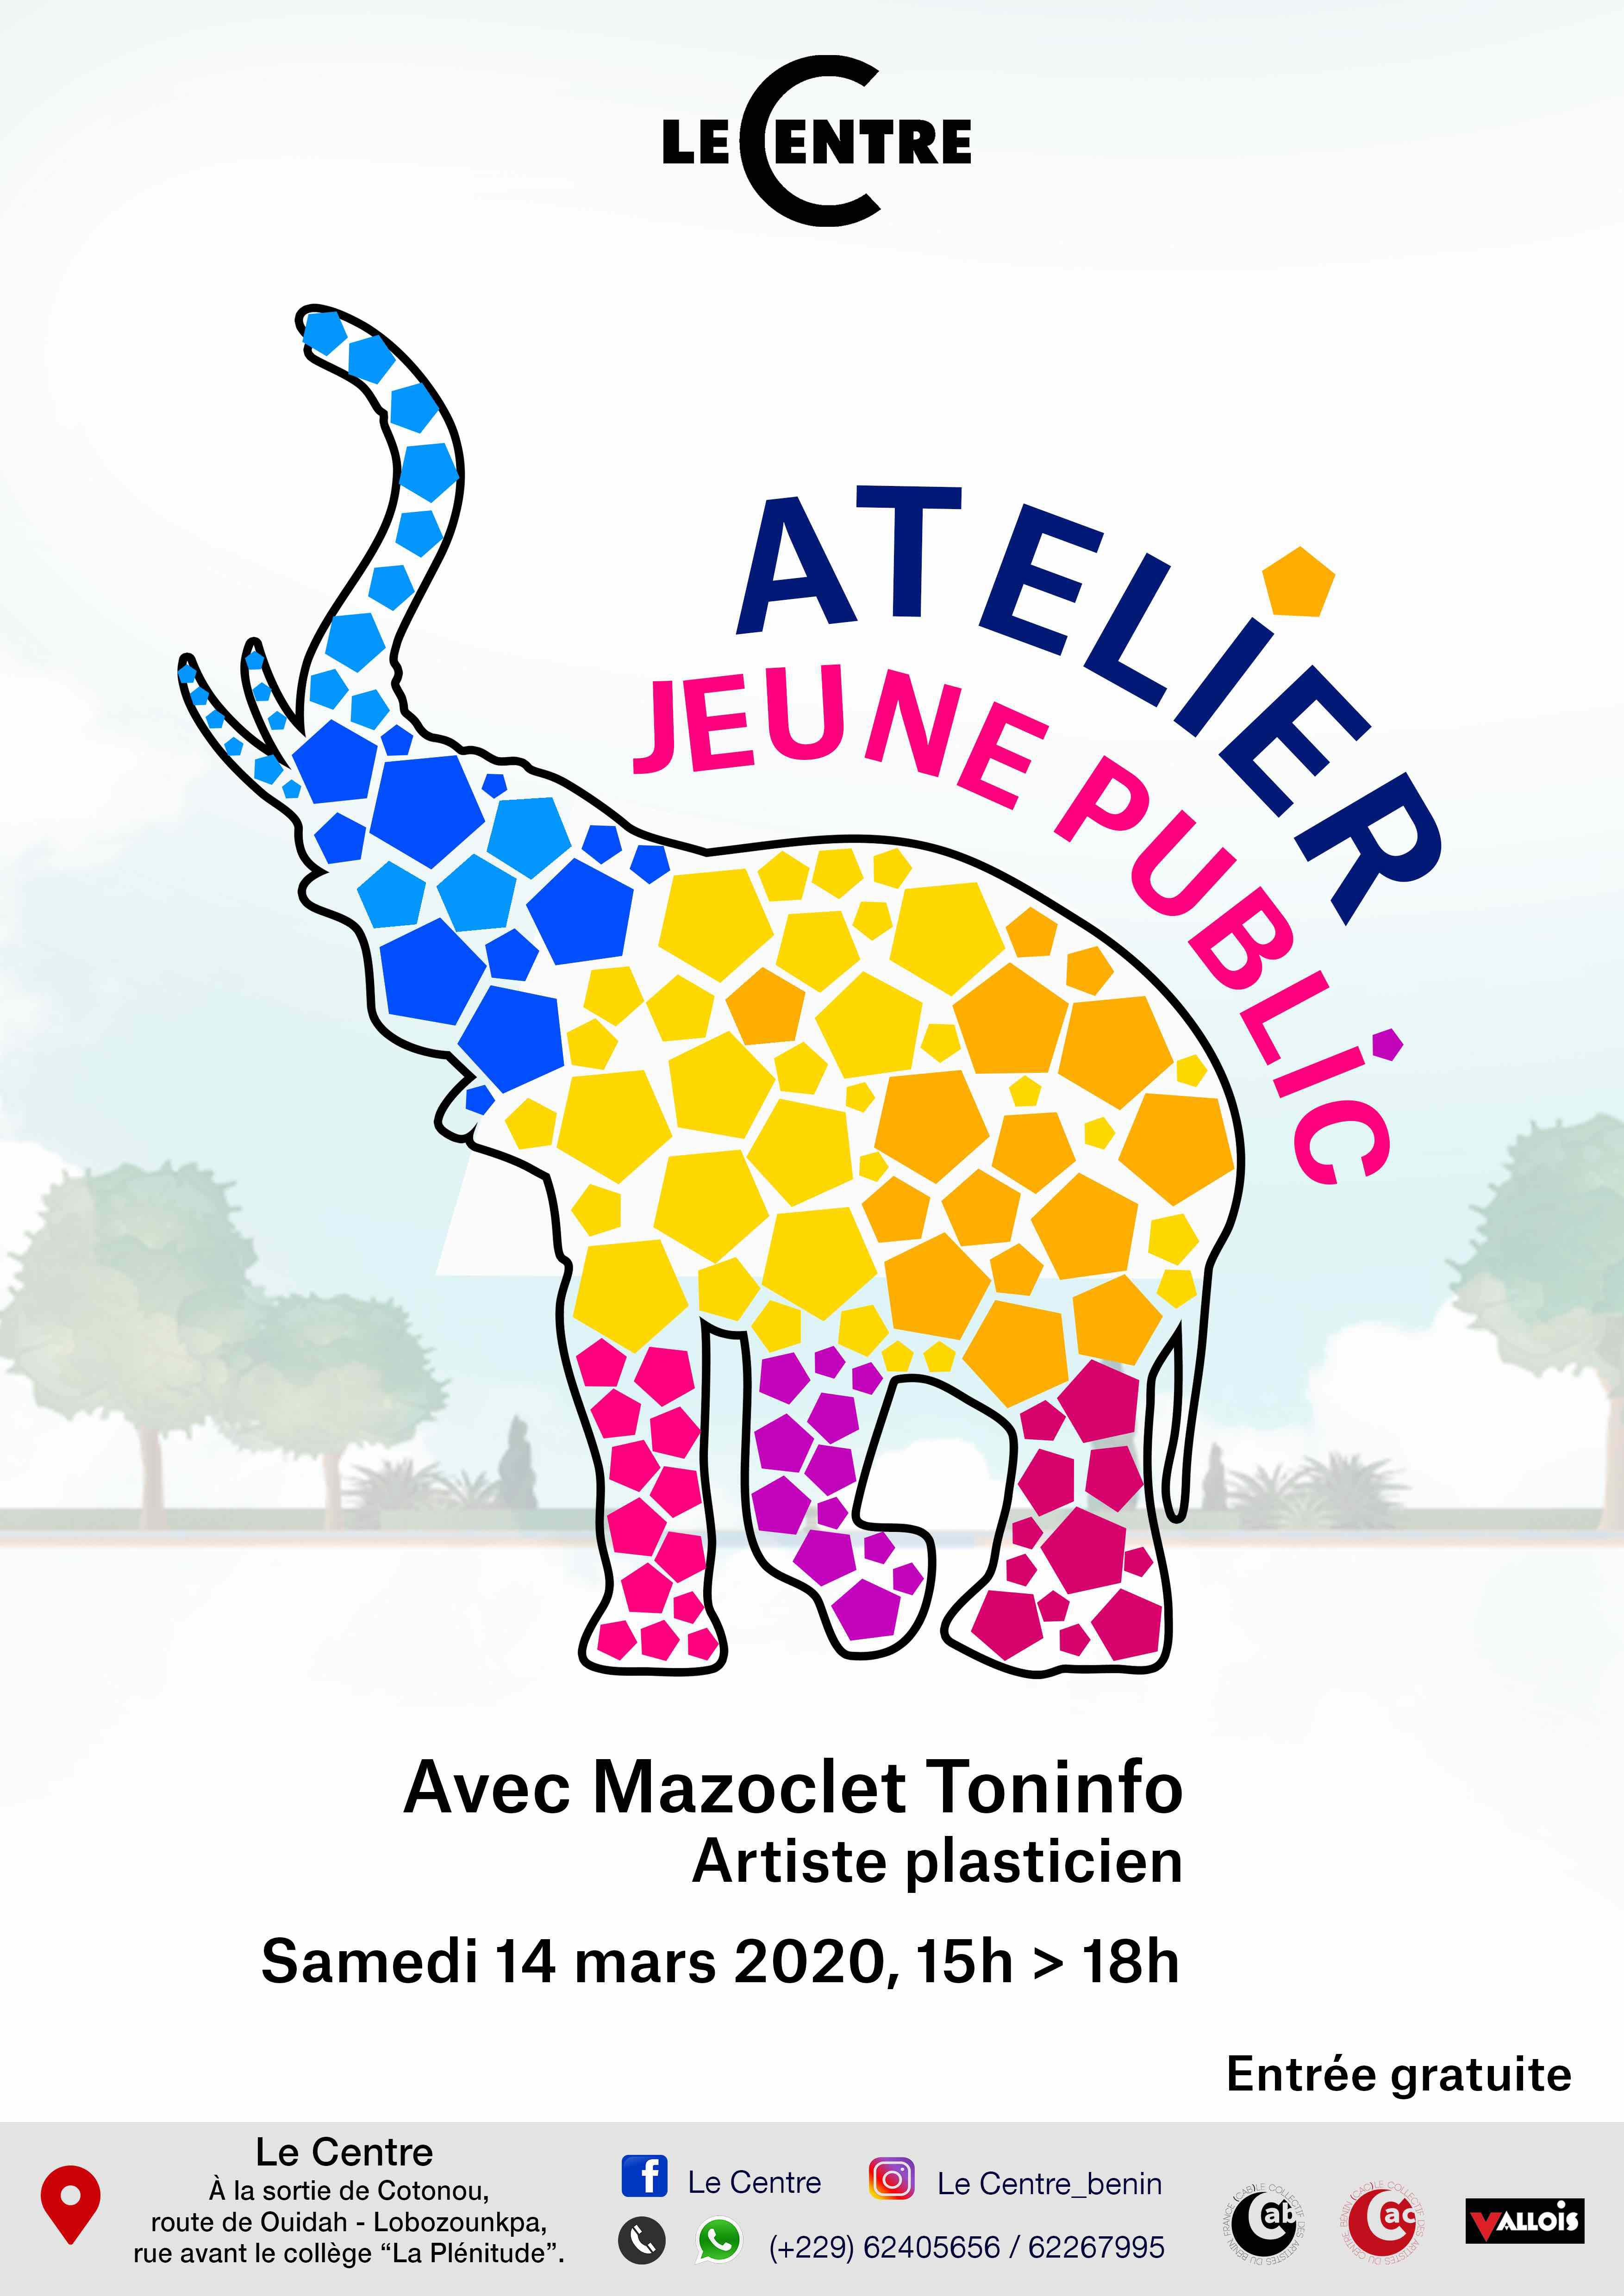 Atelier jeune public, Mazoclet Toninfo